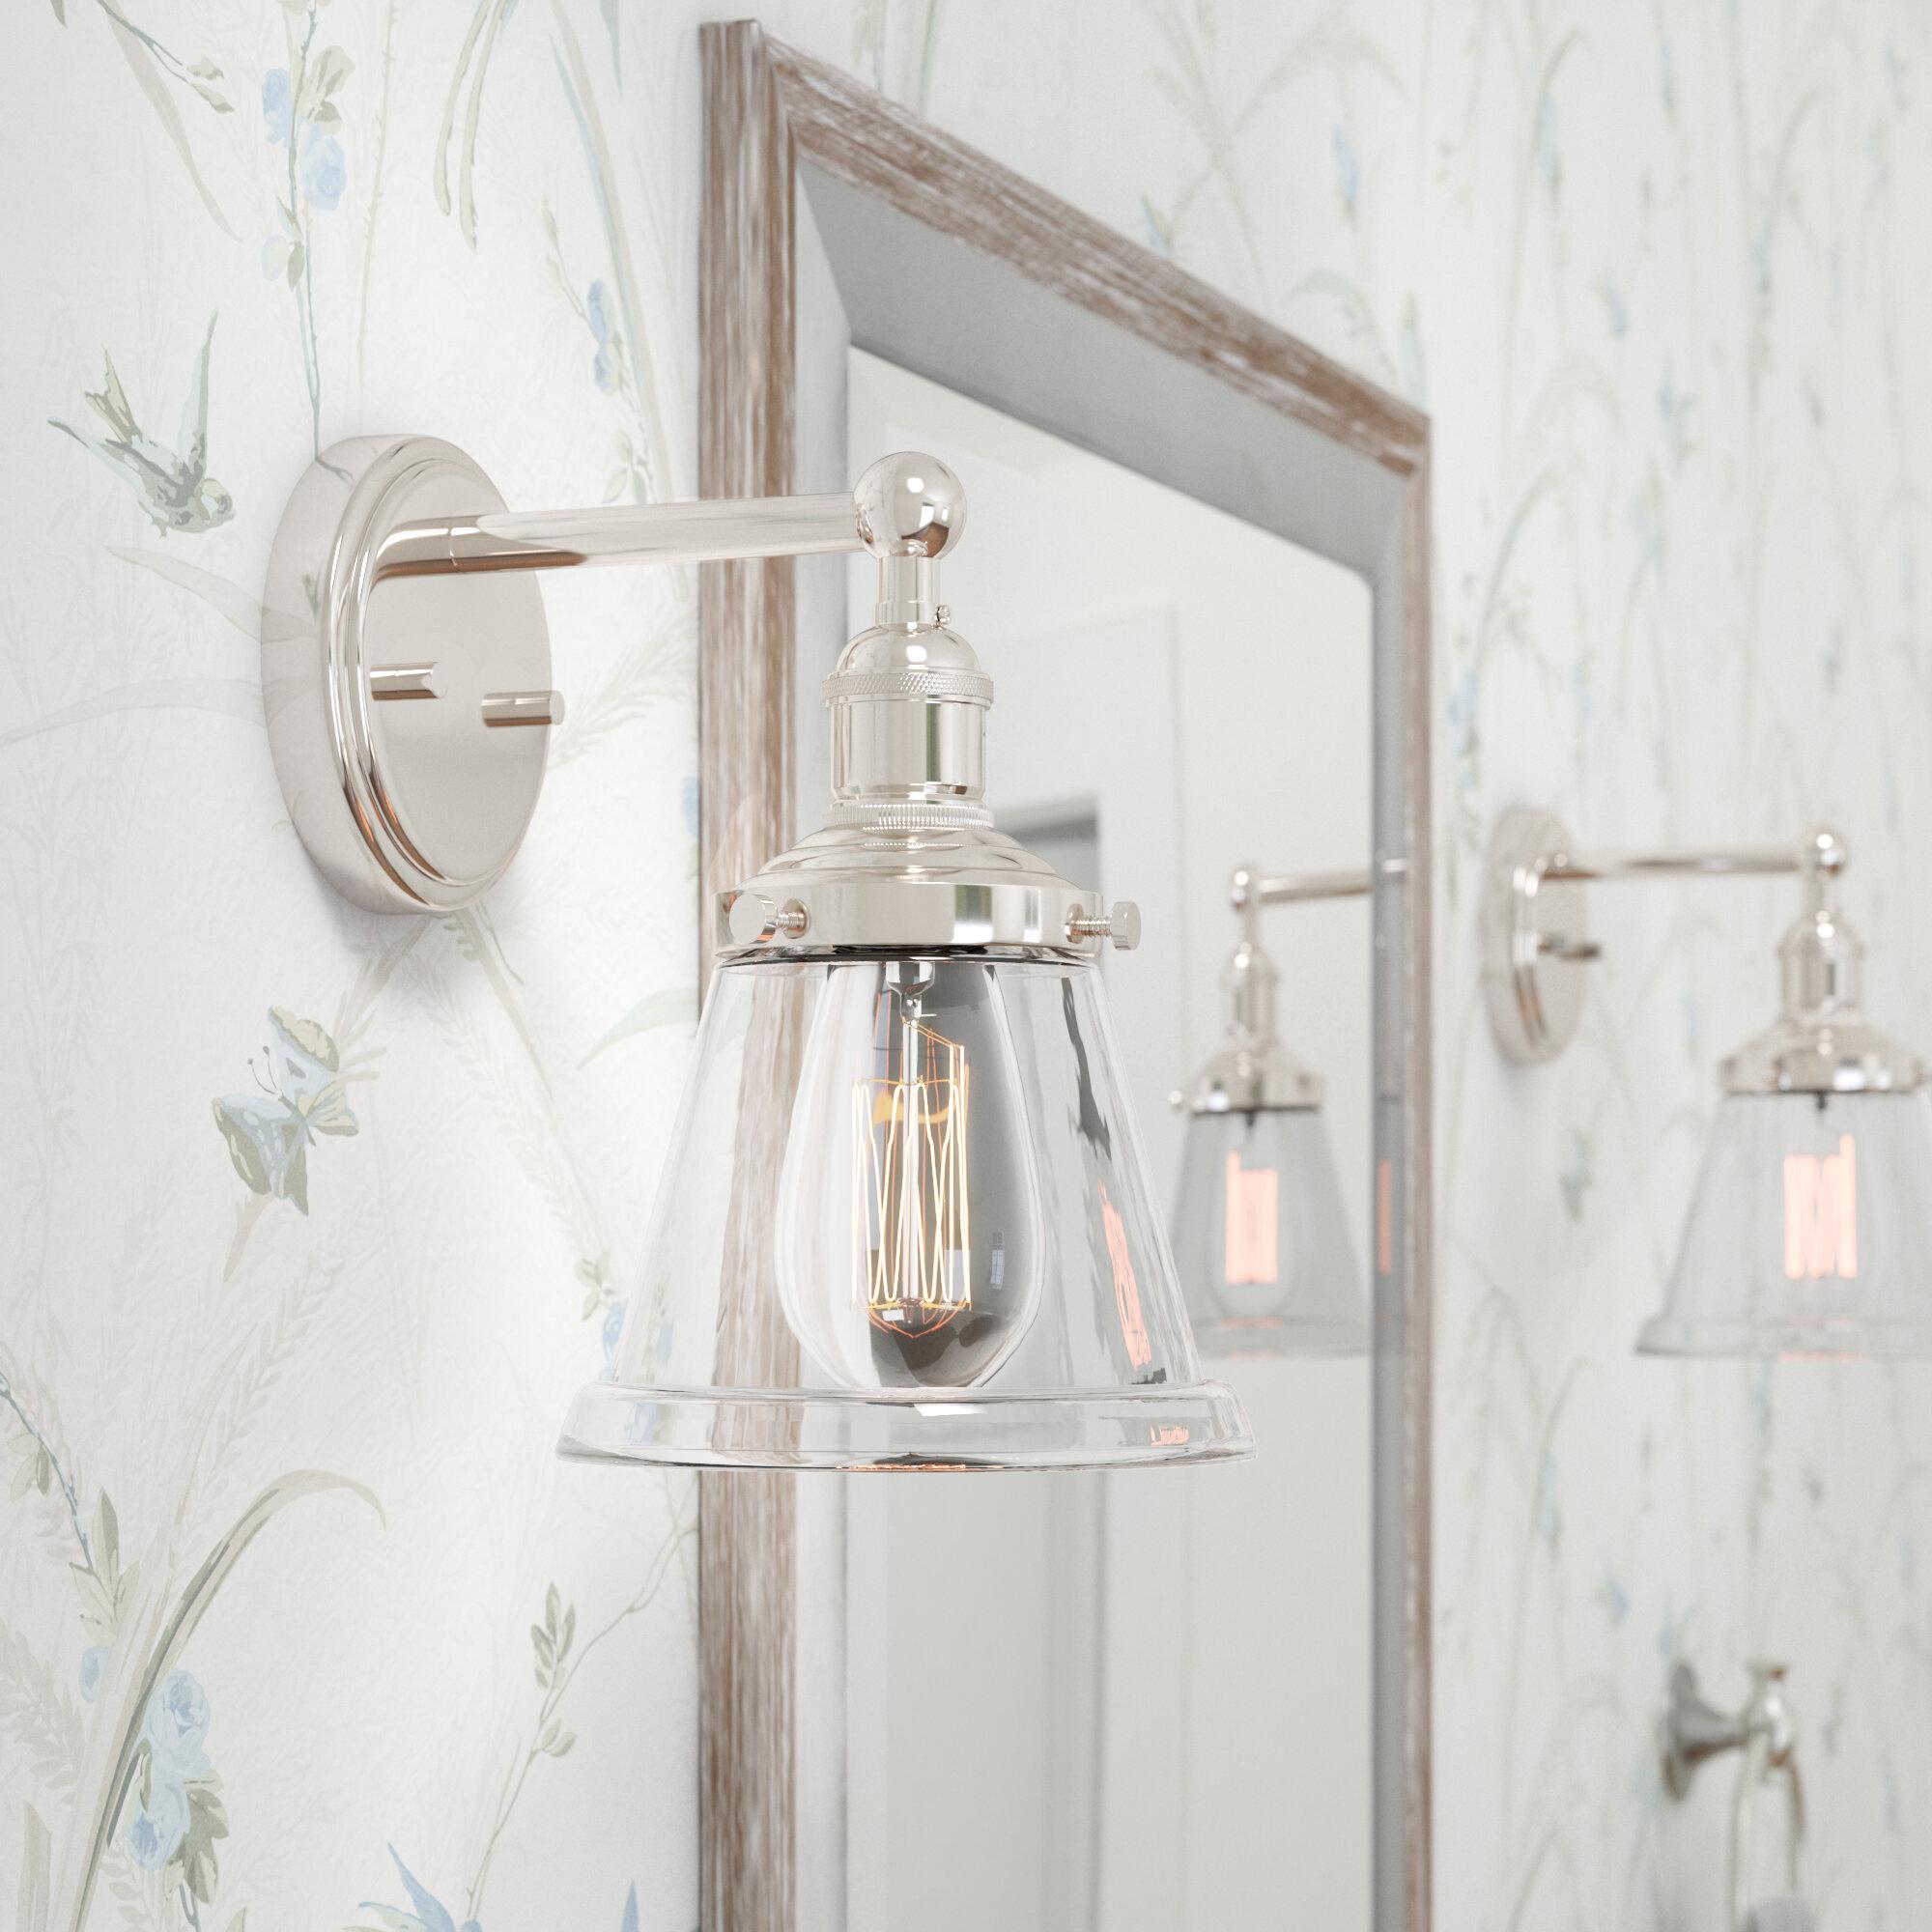 Laurel Foundry Modern Farmhouse Sandy Springs 1 Light Bath Sconce Reviews Wayfair